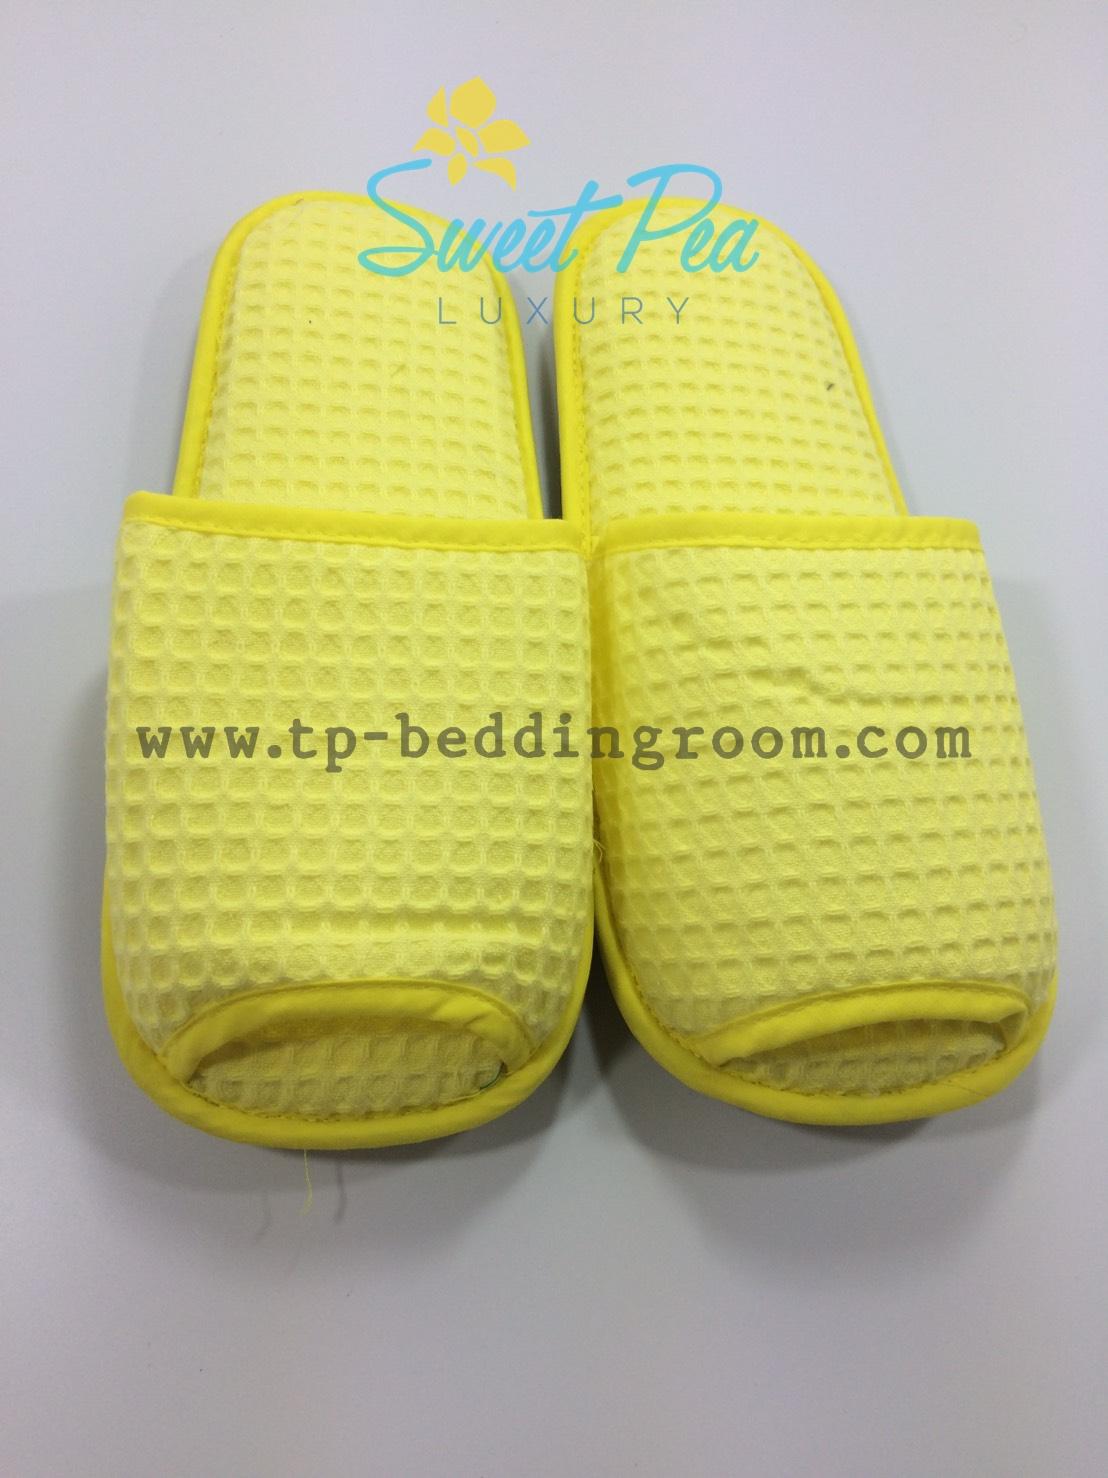 รองเท้า Slipper รังผึ้ง สีเหลือง หัวเปิด (แพ็ค)